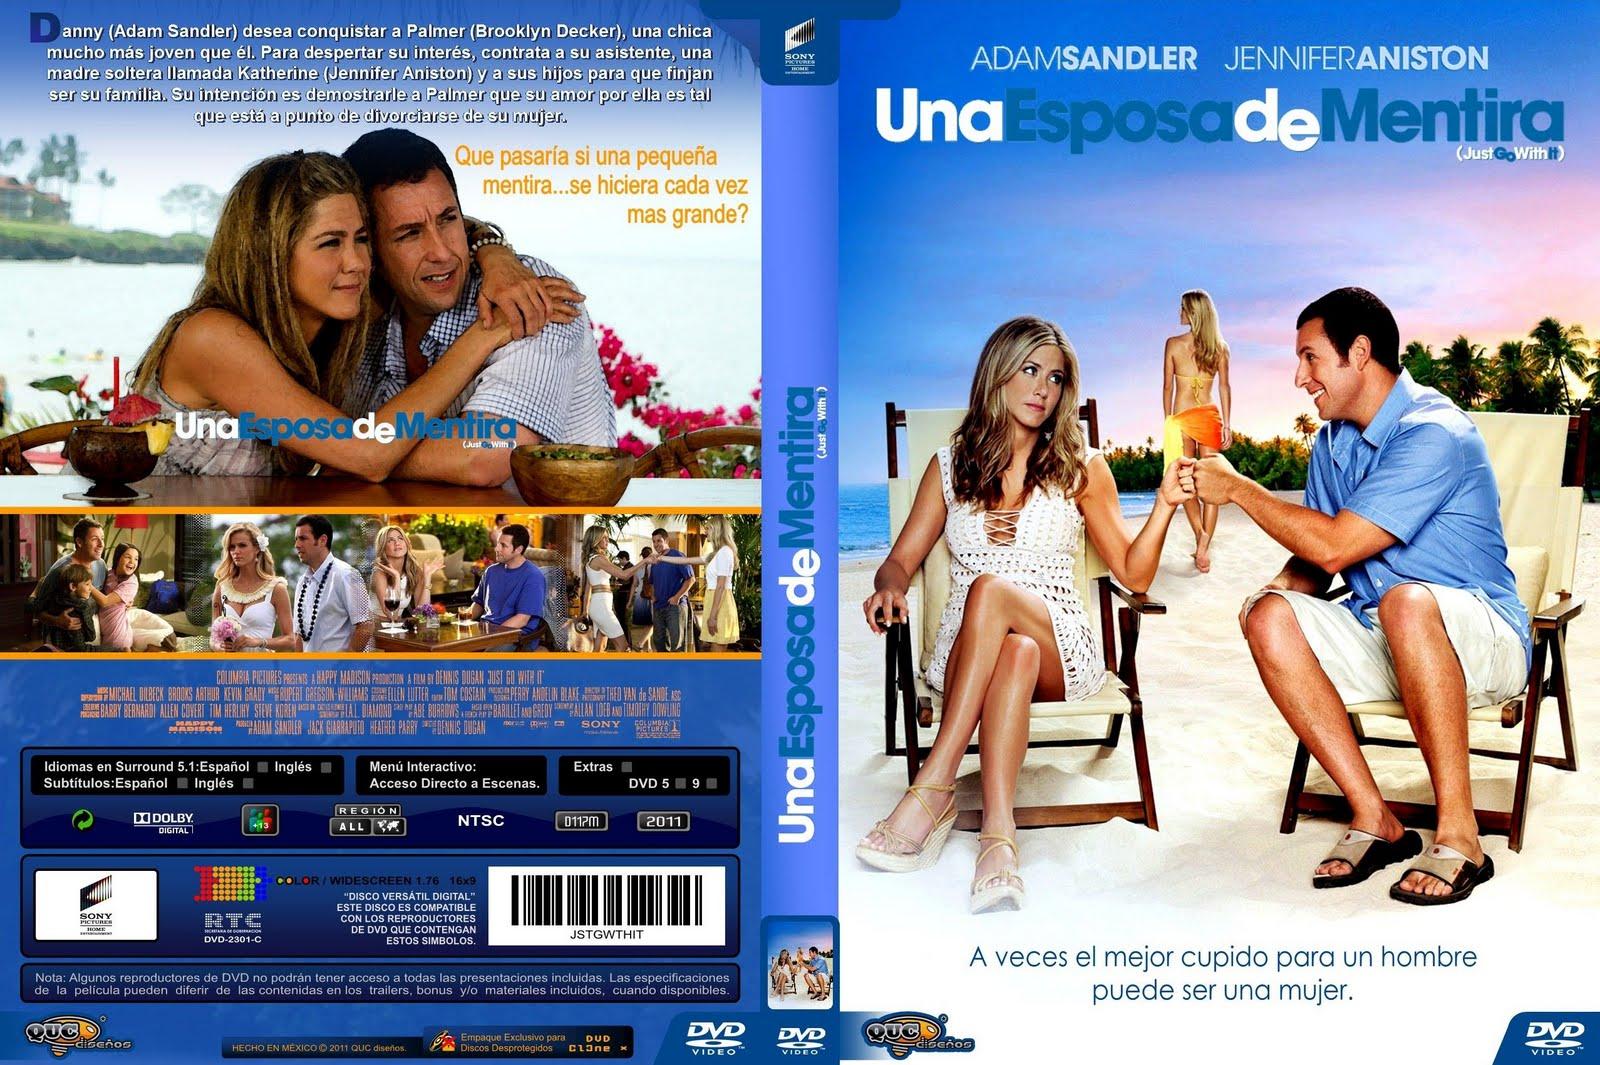 http://3.bp.blogspot.com/-F-83IfWtbXQ/TiTVgGuBTzI/AAAAAAAAD9w/ZTchbYa0JhM/s1600/DVD_Una_Esposa_De_Mentira_DVD.jpg